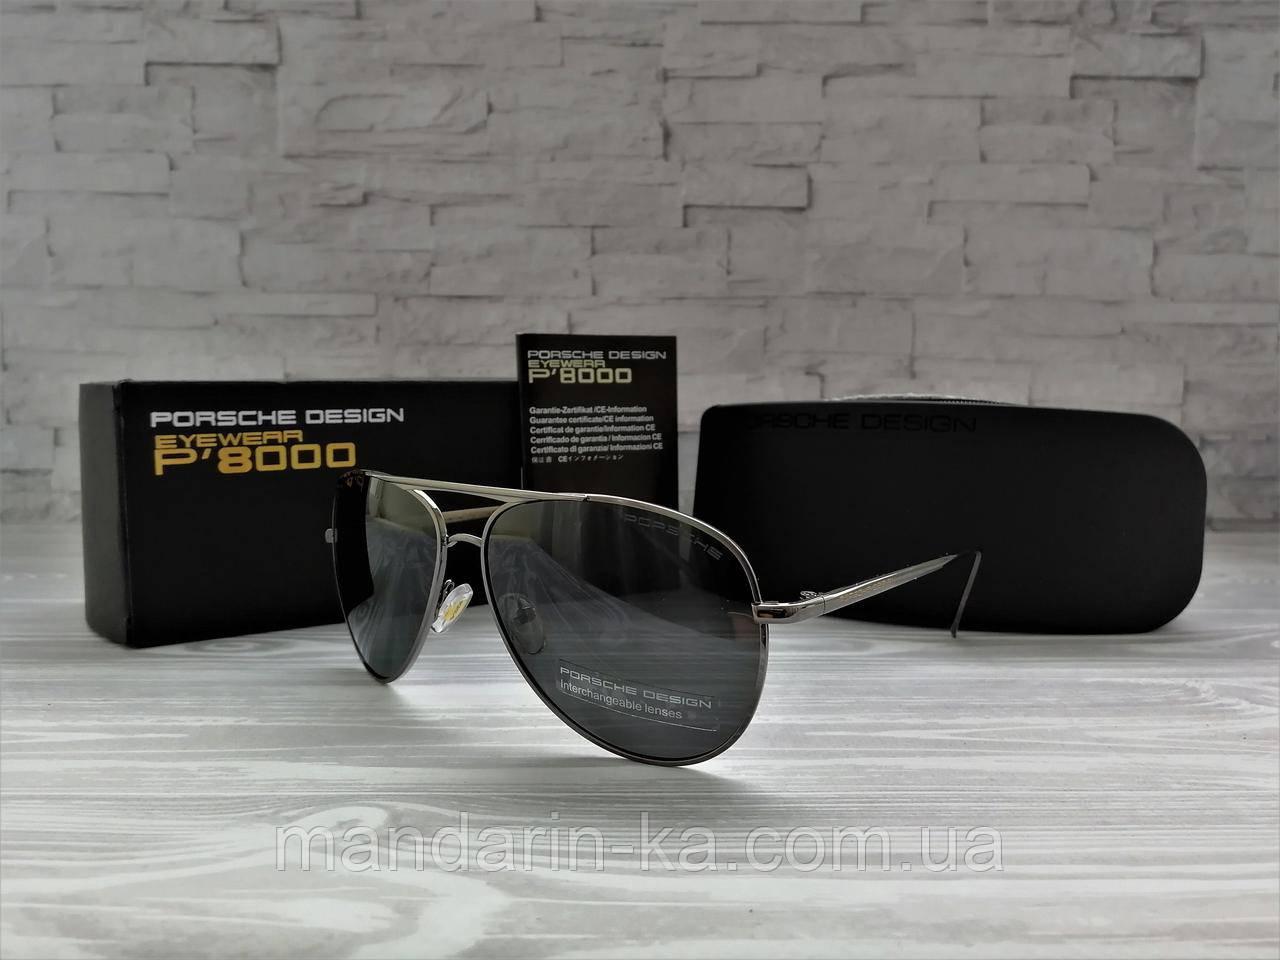 Очки мужские солнцезащитные брендовые стальные (реплика)